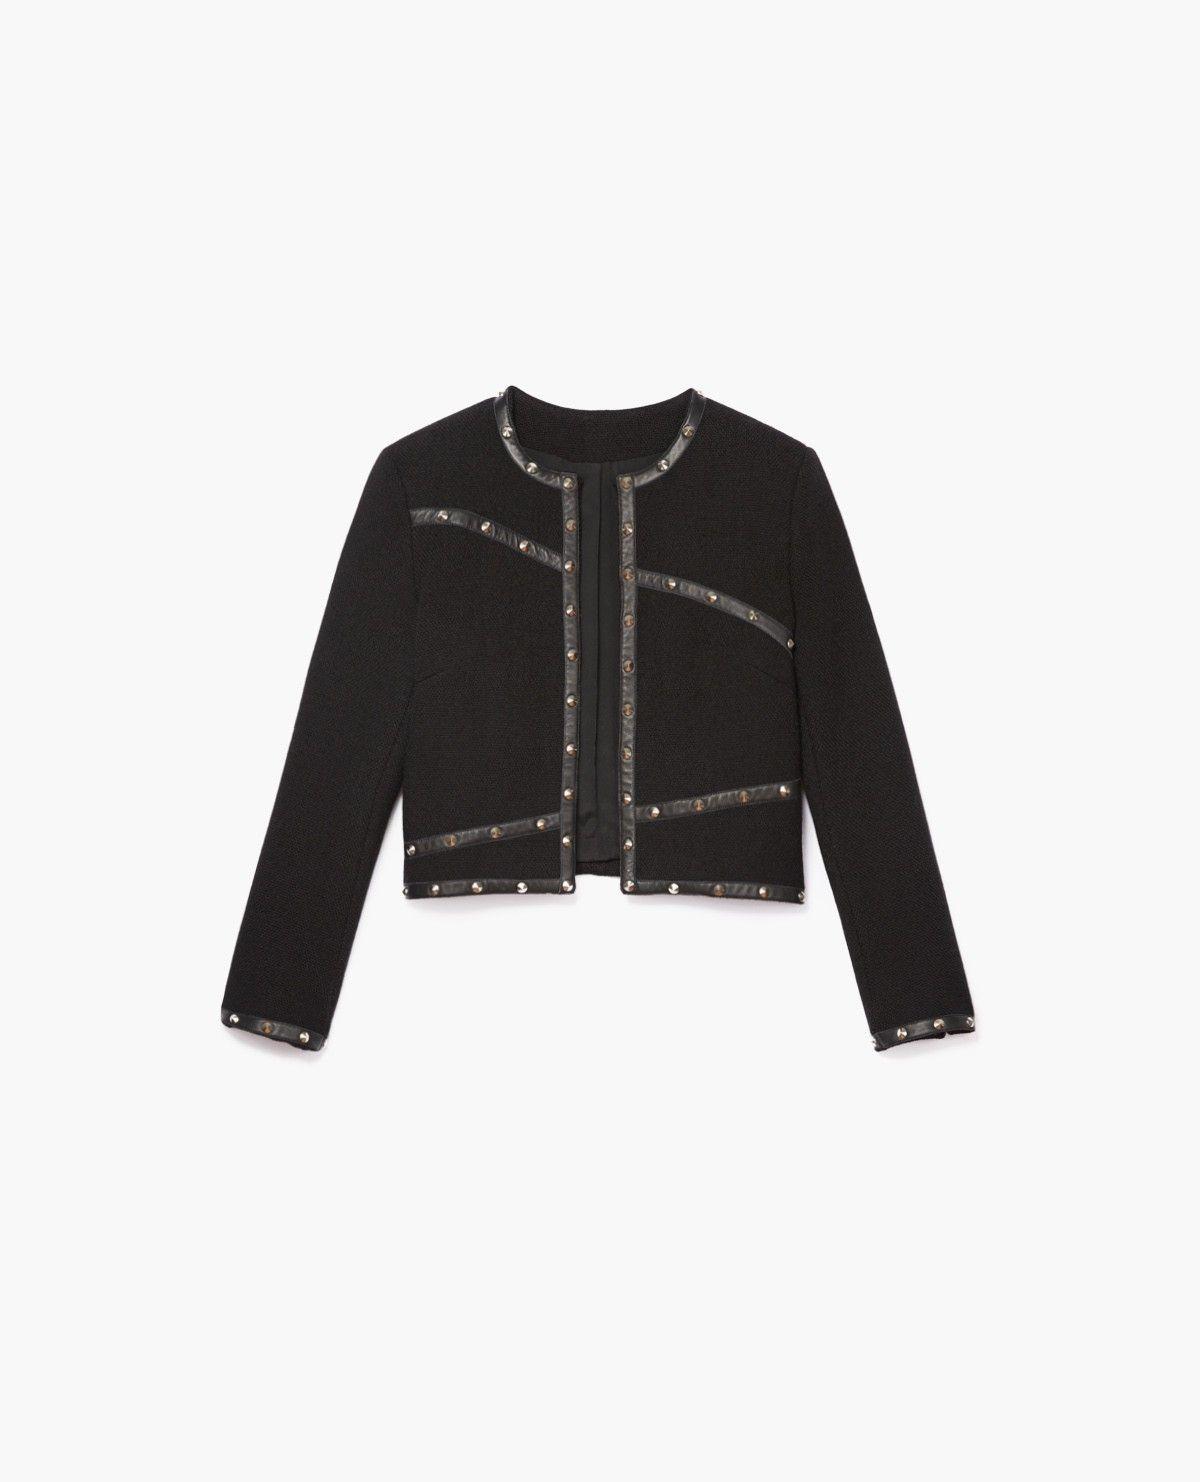 nouveau produit 165fb f4a2e Veste courte en laine nattée à détails cuir clouté - Vestes ...